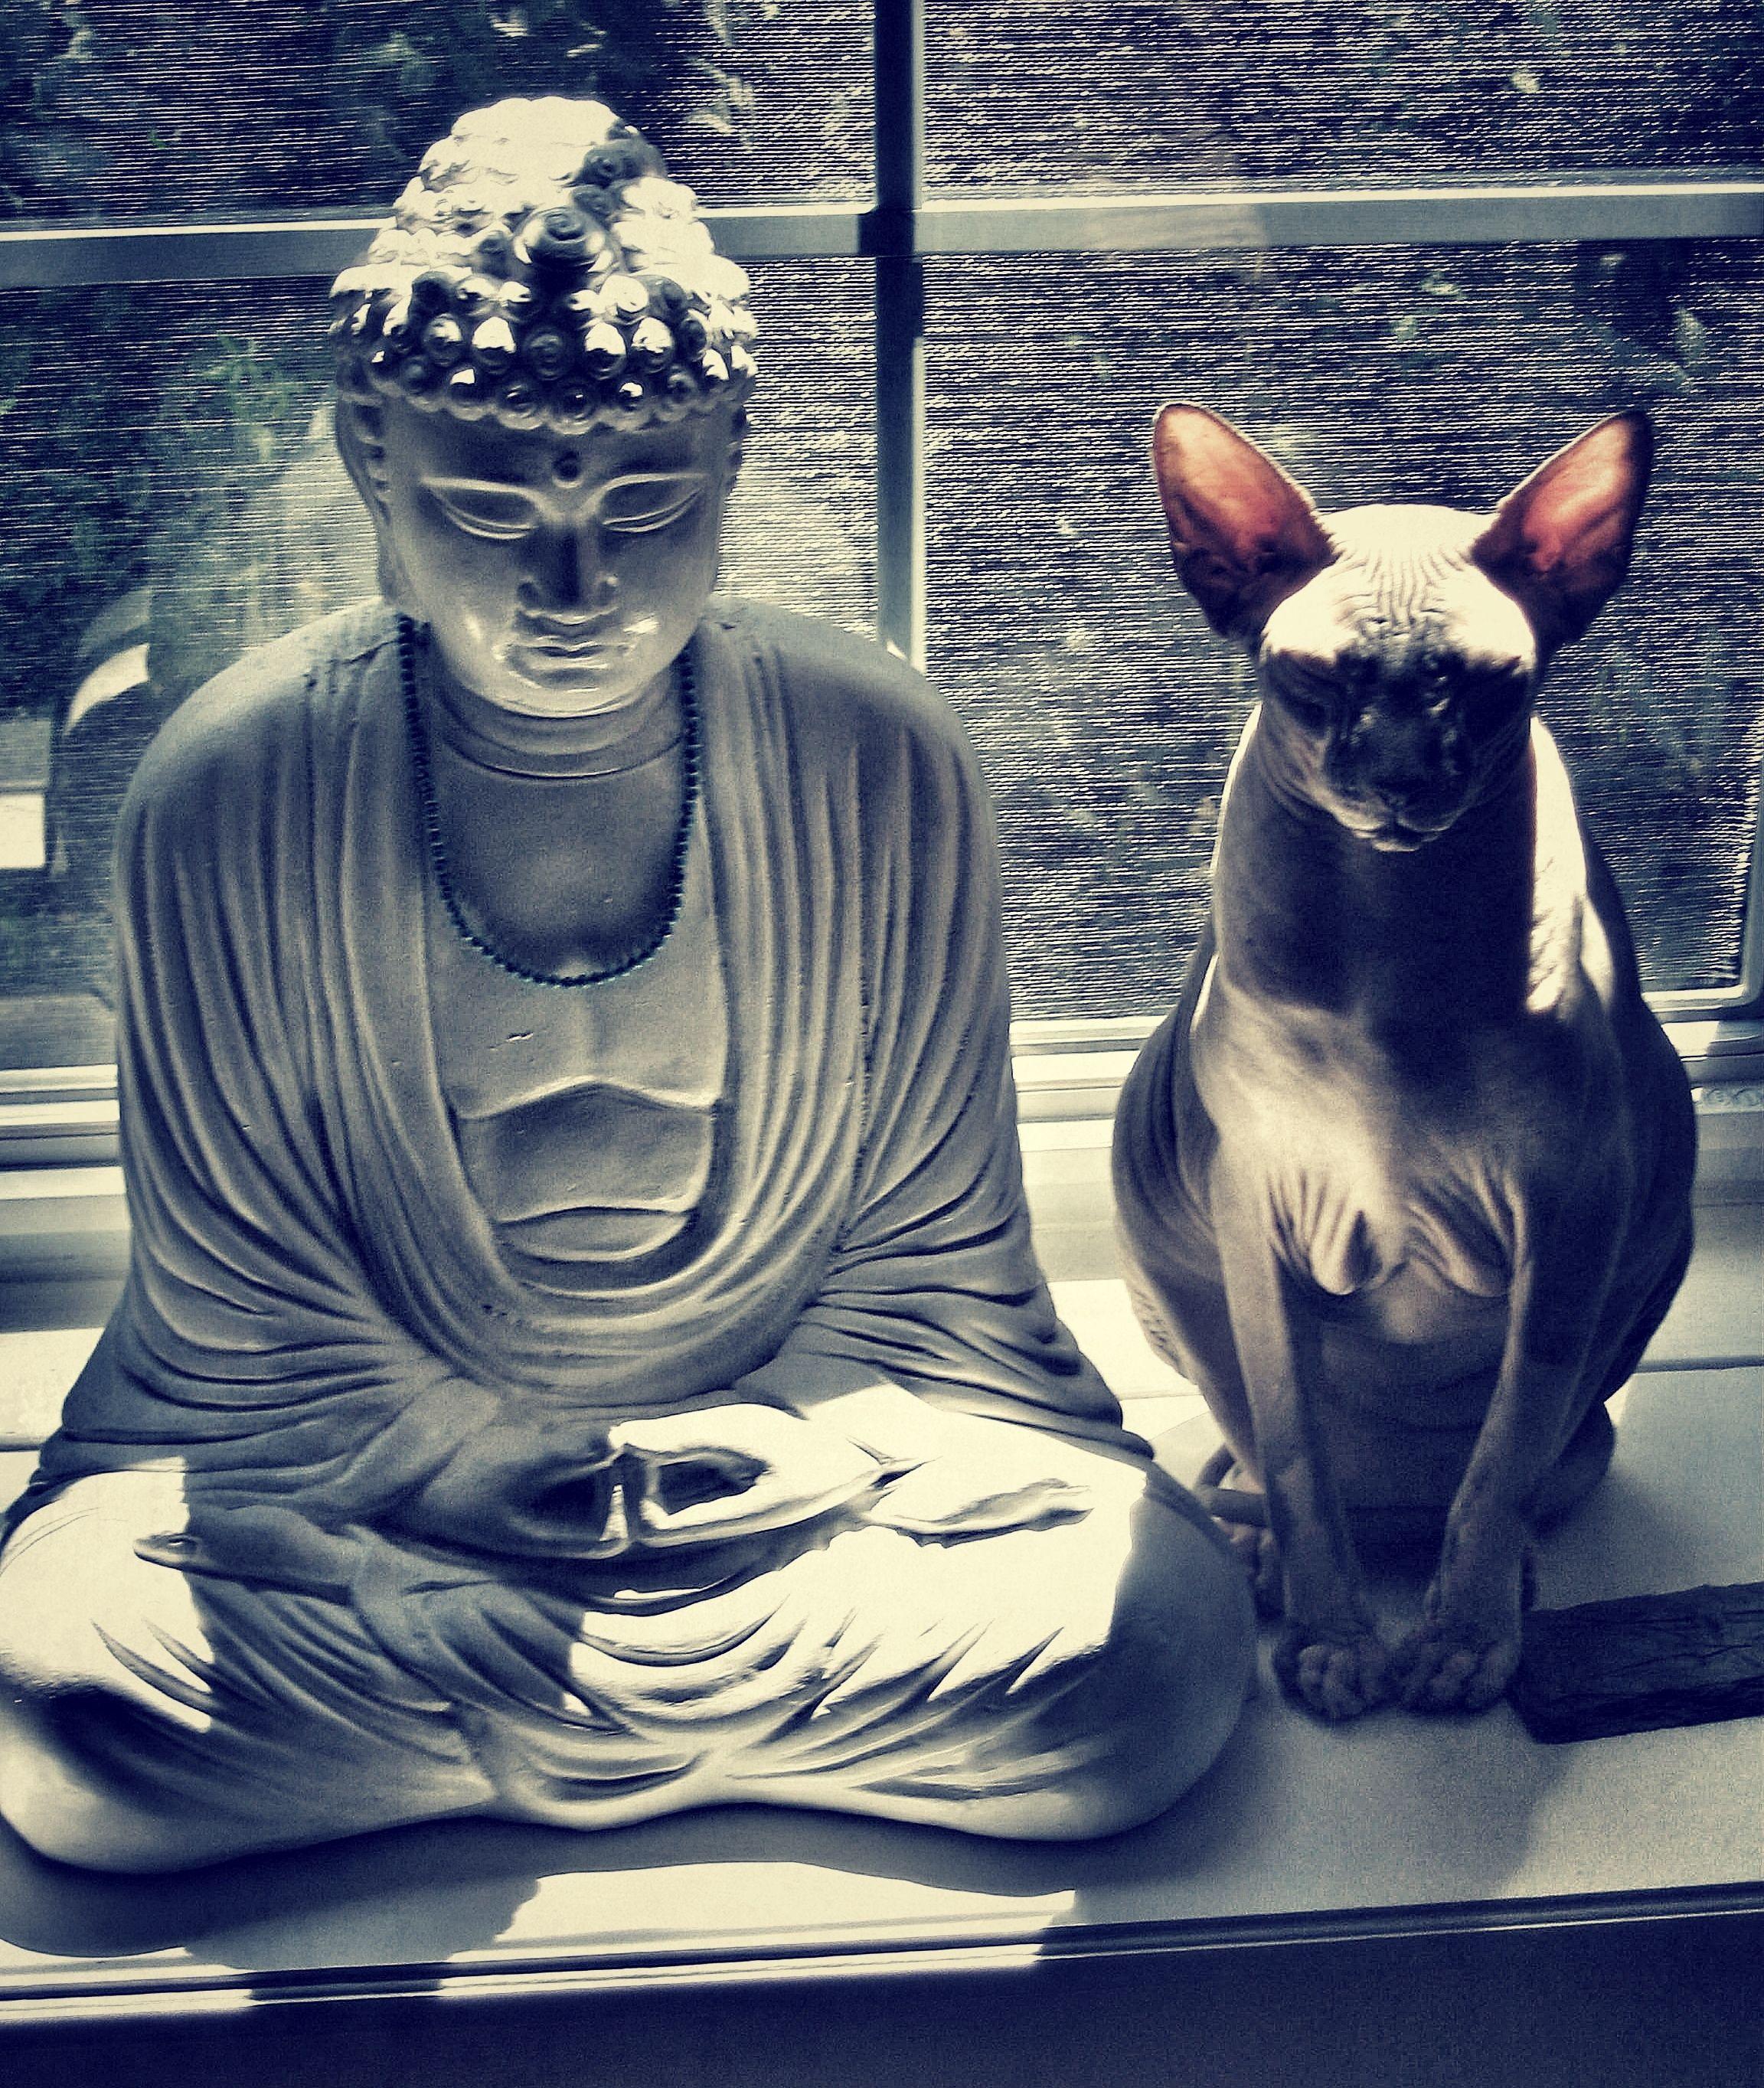 кот буддист картинки истории